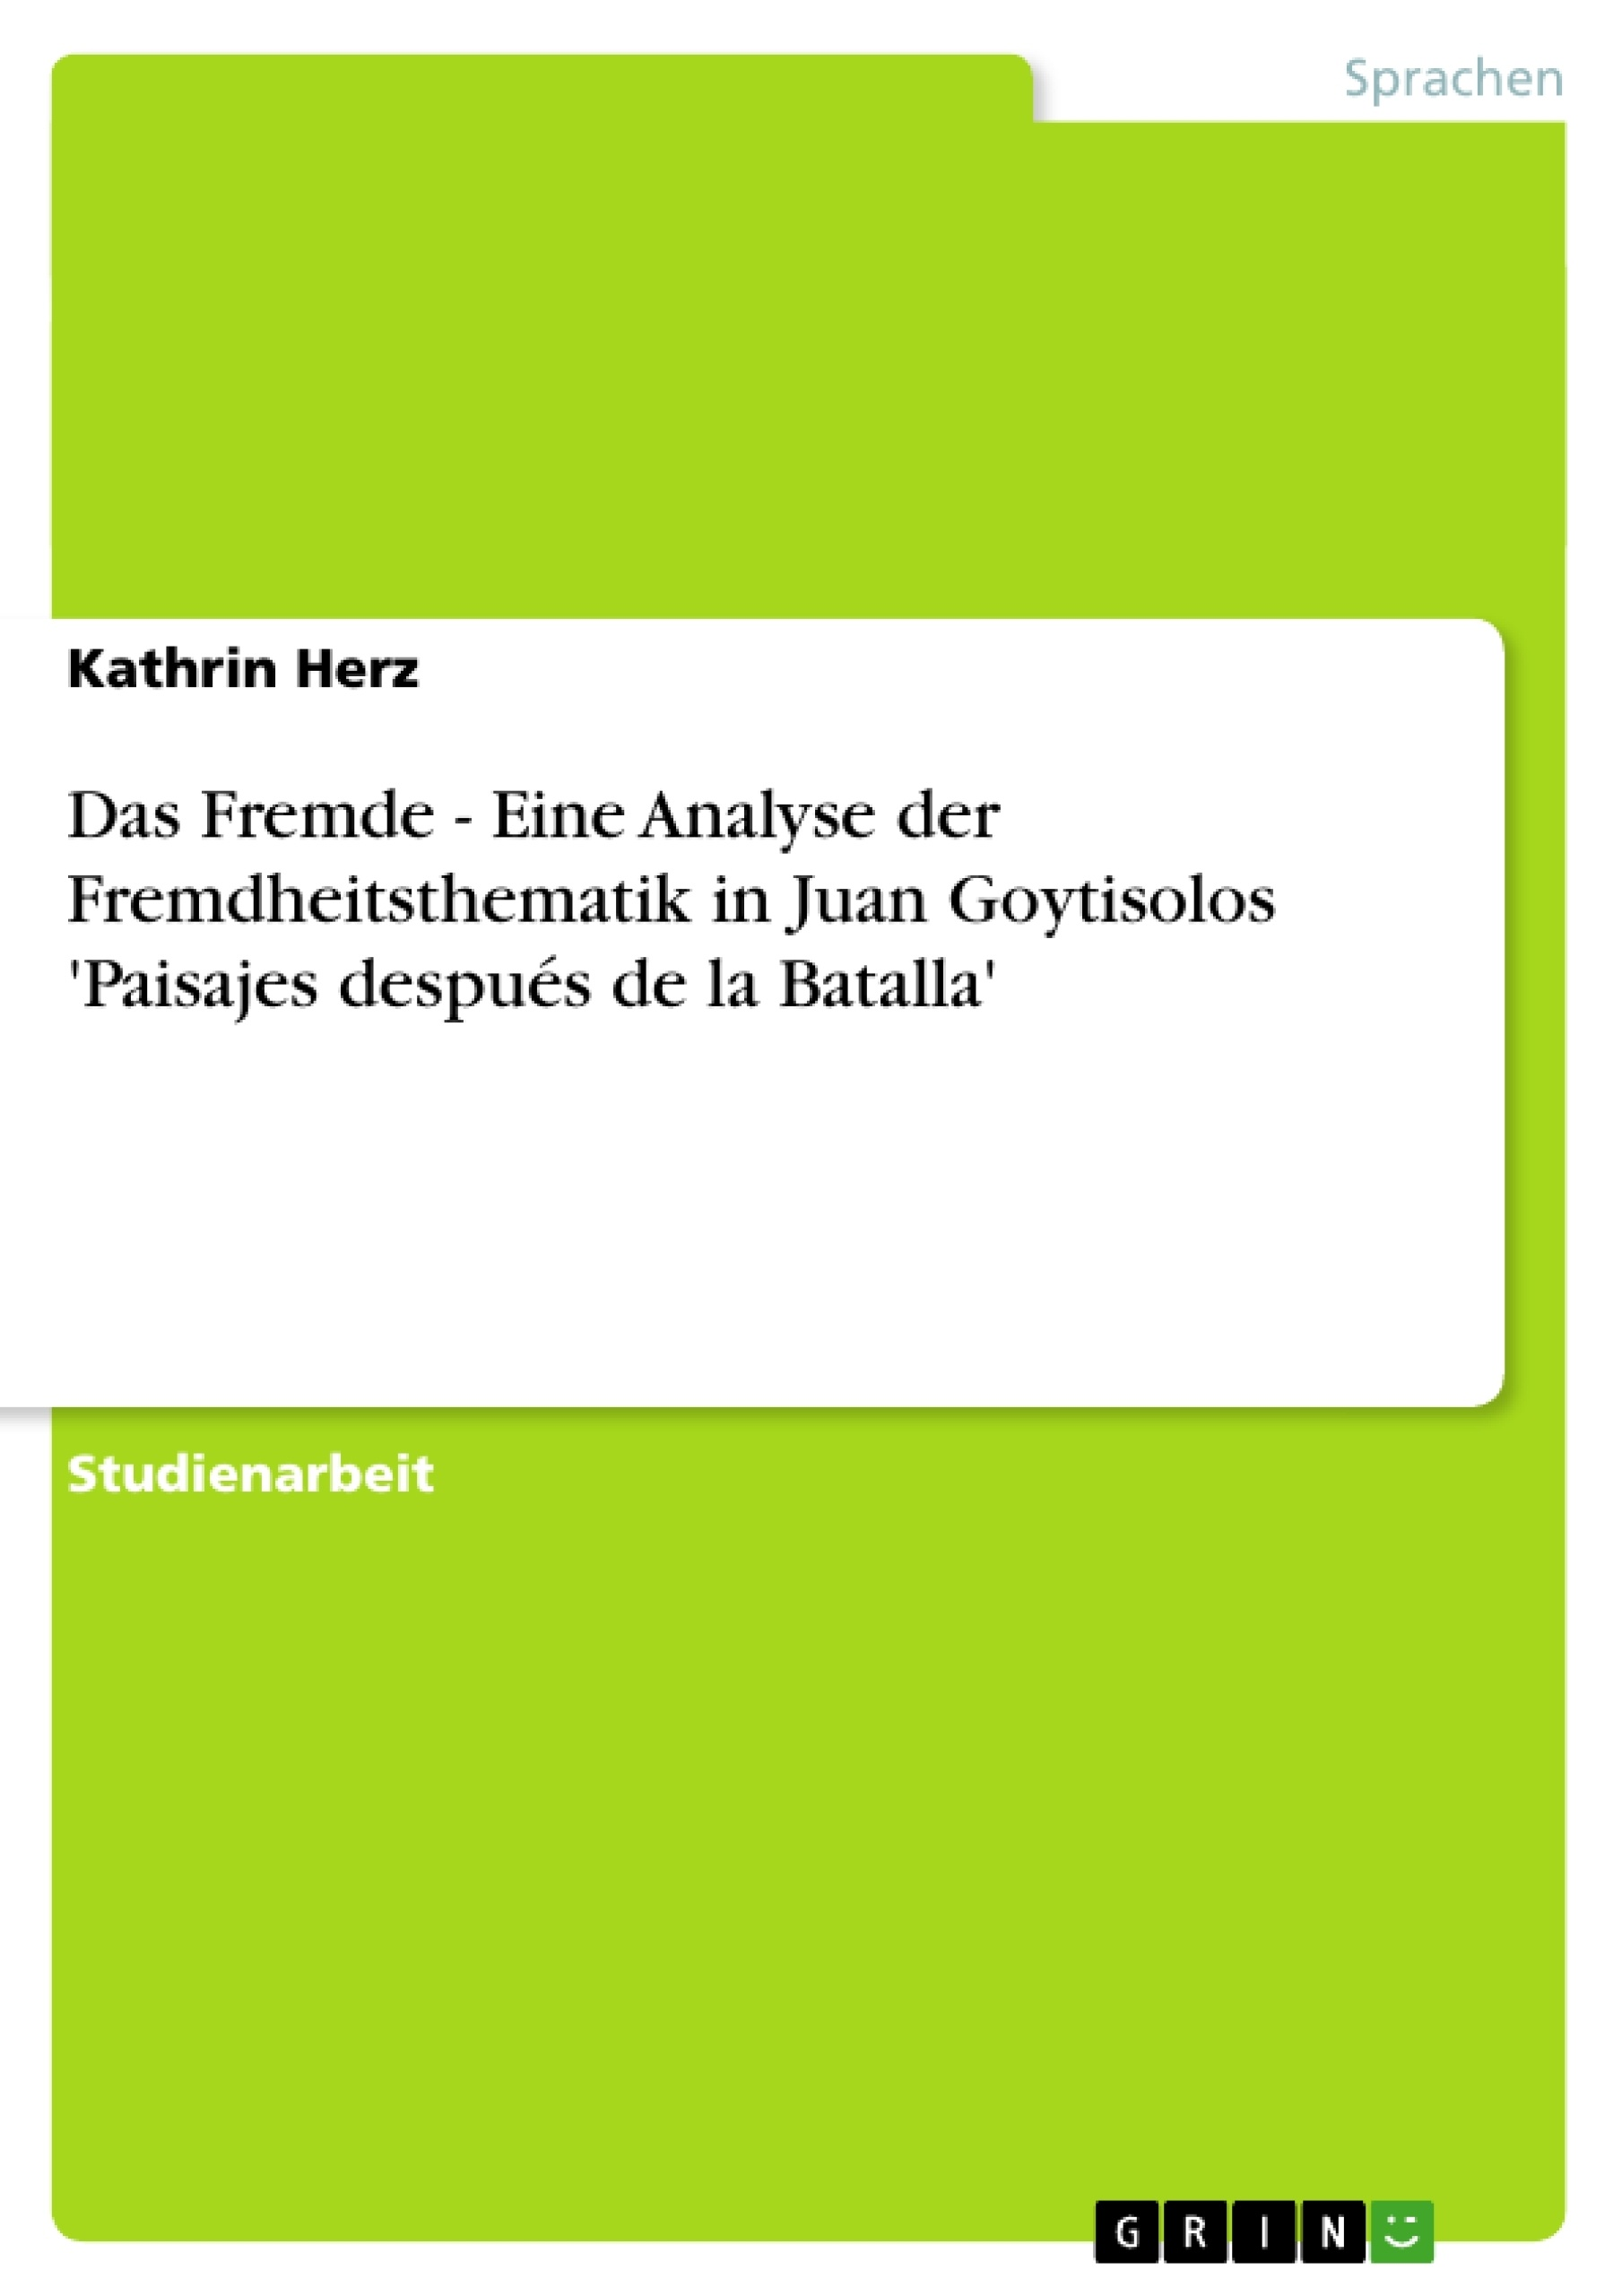 Titel: Das Fremde - Eine Analyse der Fremdheitsthematik in Juan Goytisolos 'Paisajes después de la Batalla'